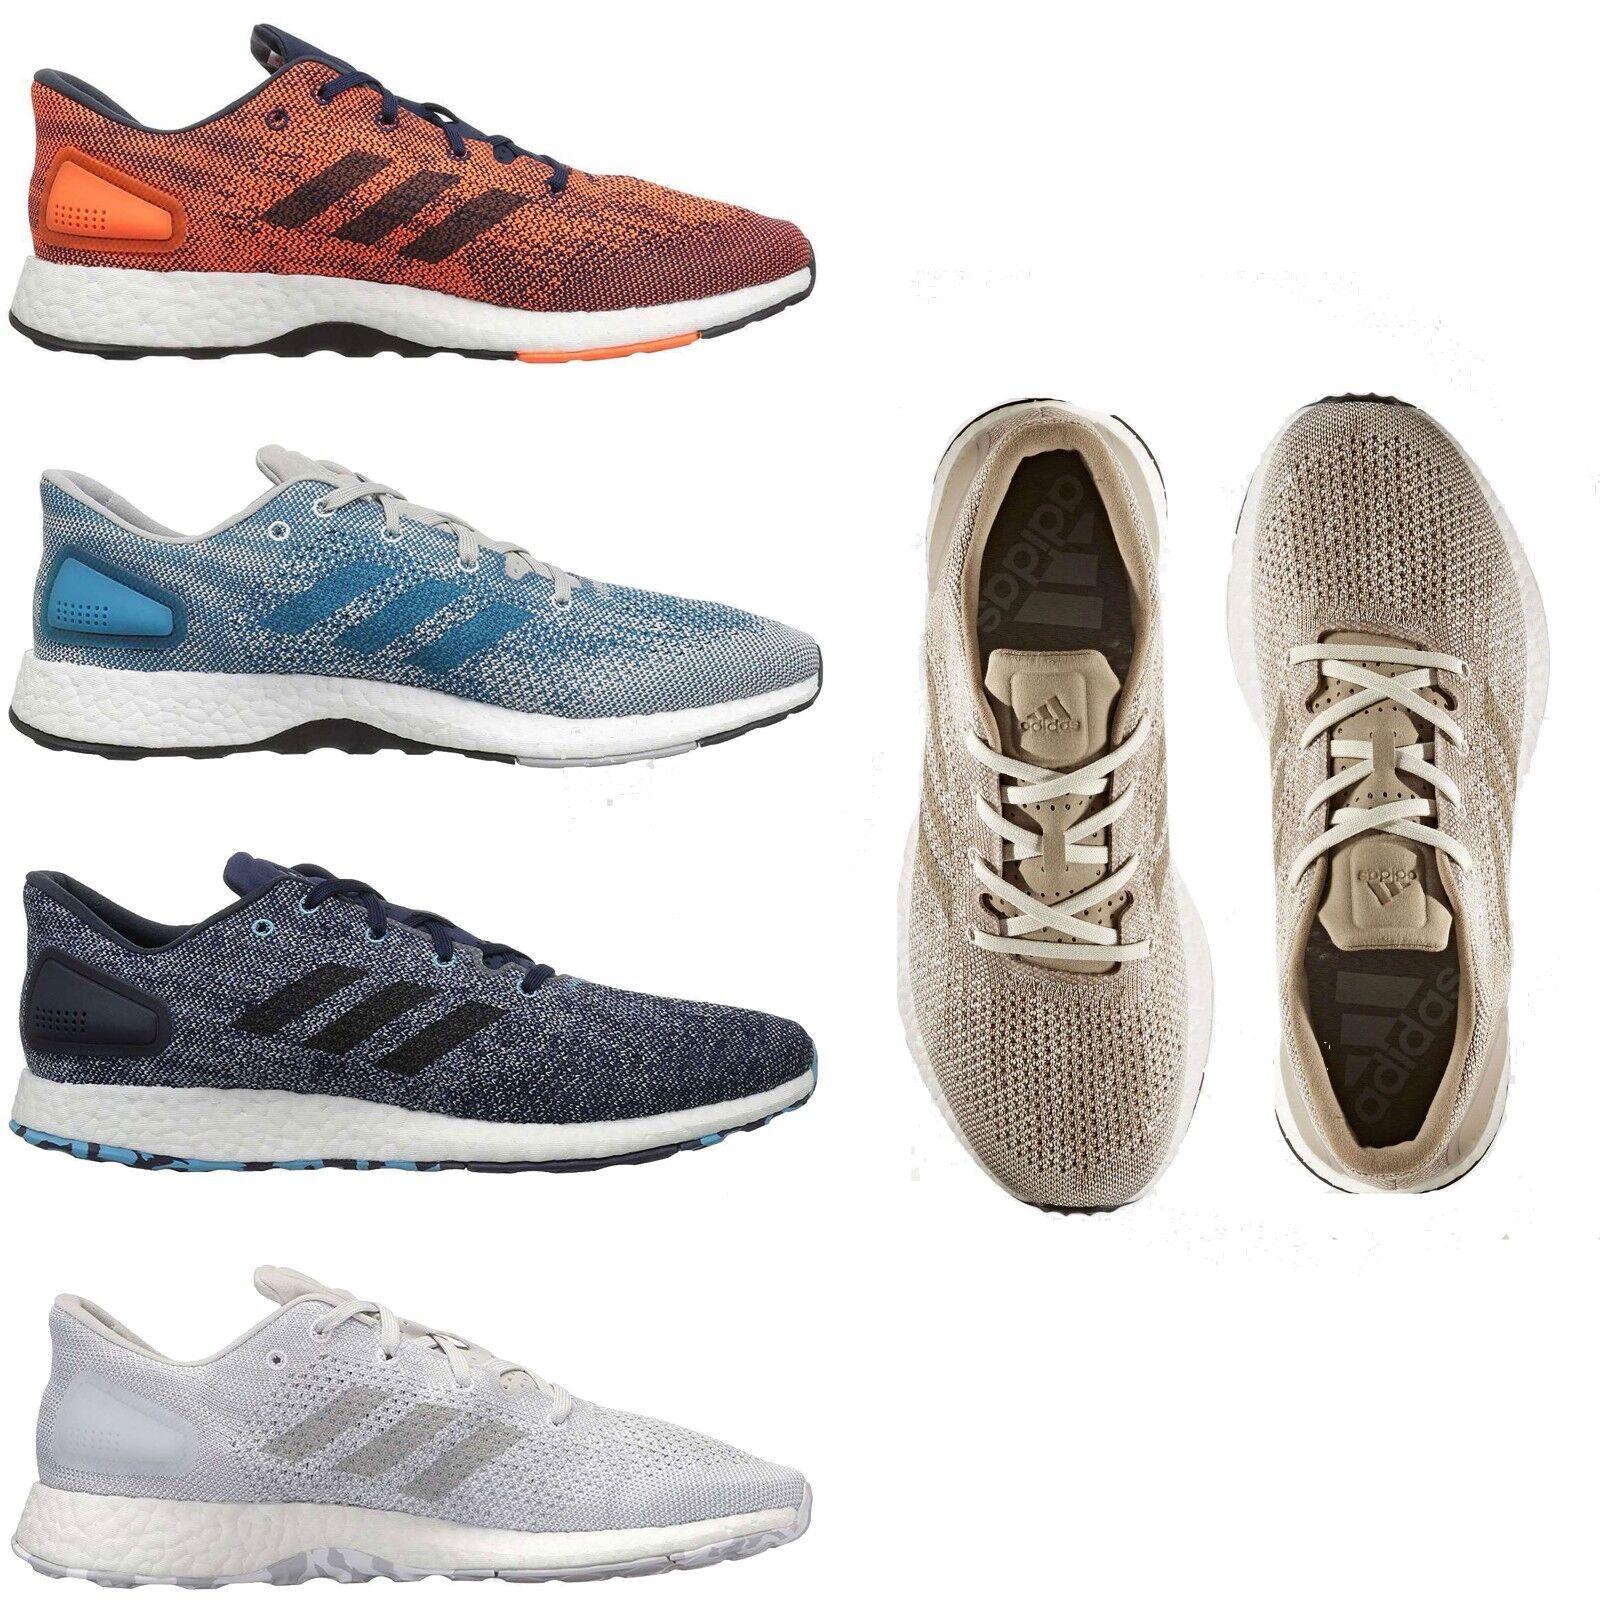 Neue adidas - - - männer pureboost dpr neutrale läufer schuhe aus turnschuhen 2c363b